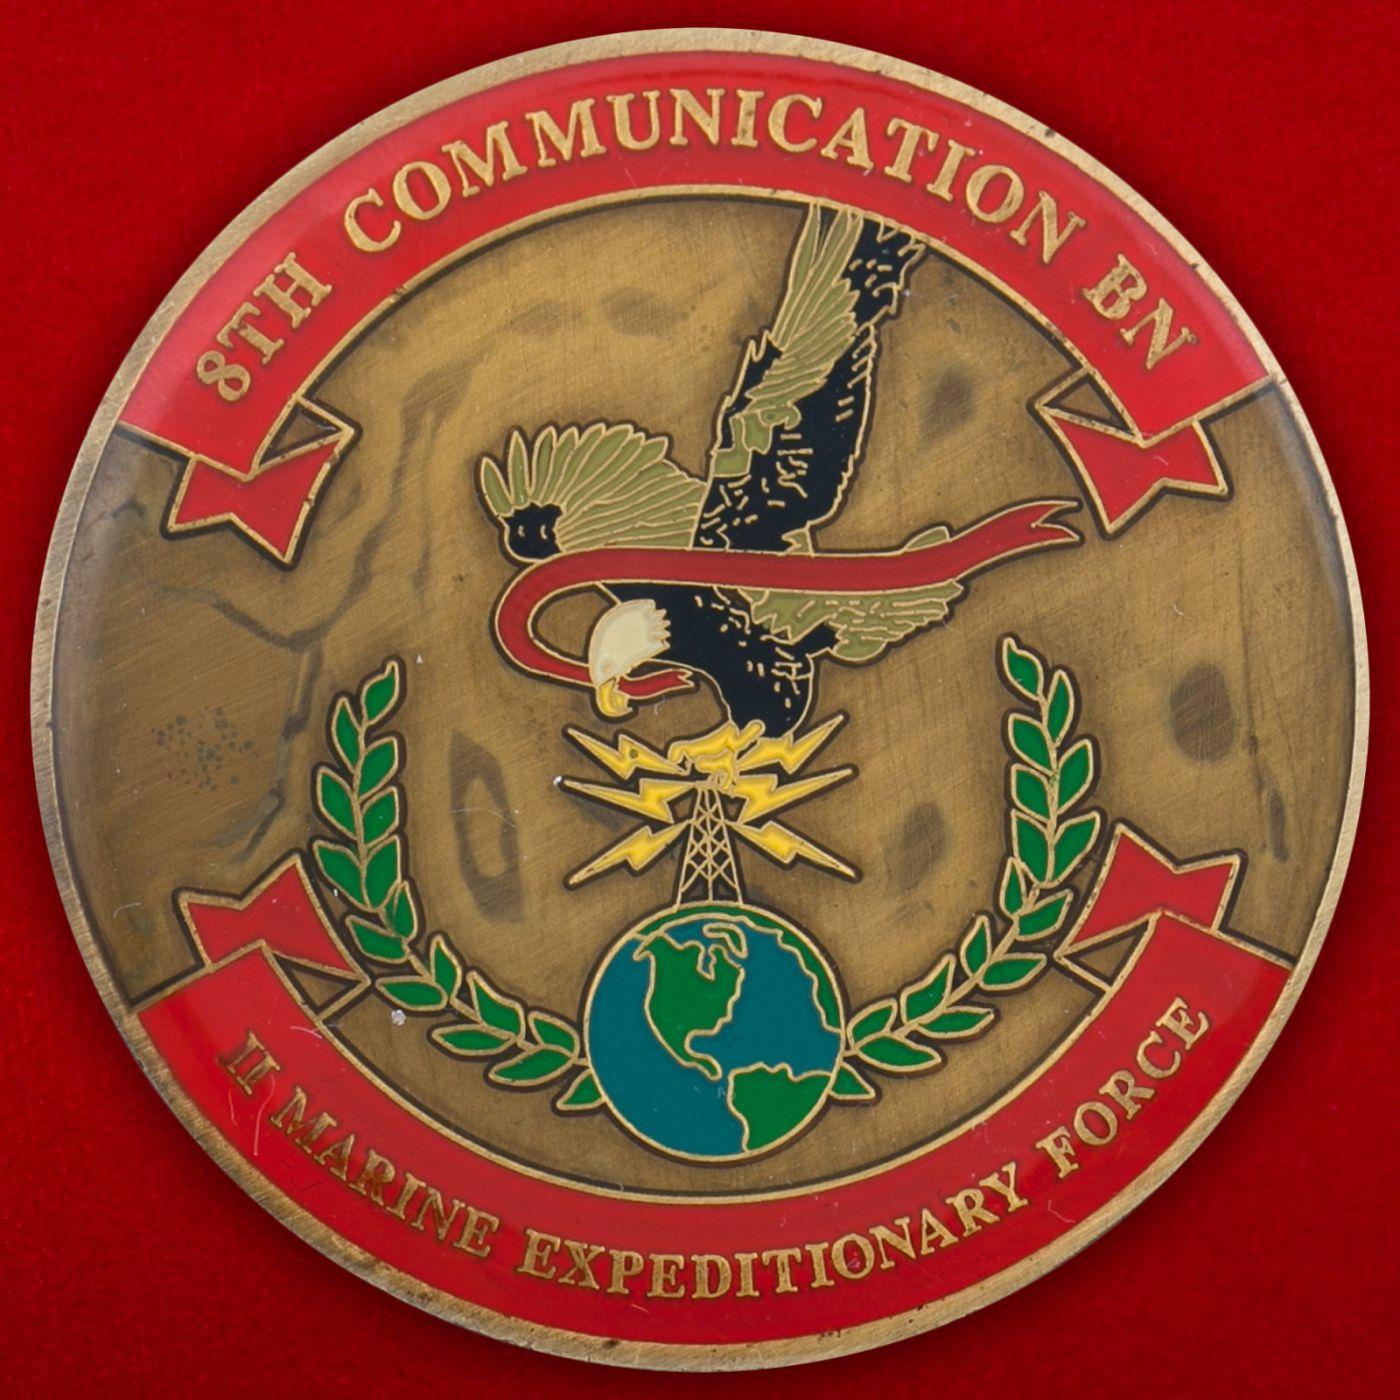 Челлендж коин 8-го батальона связи 2-го Экспедиционного Корпуса Морской пехоты США